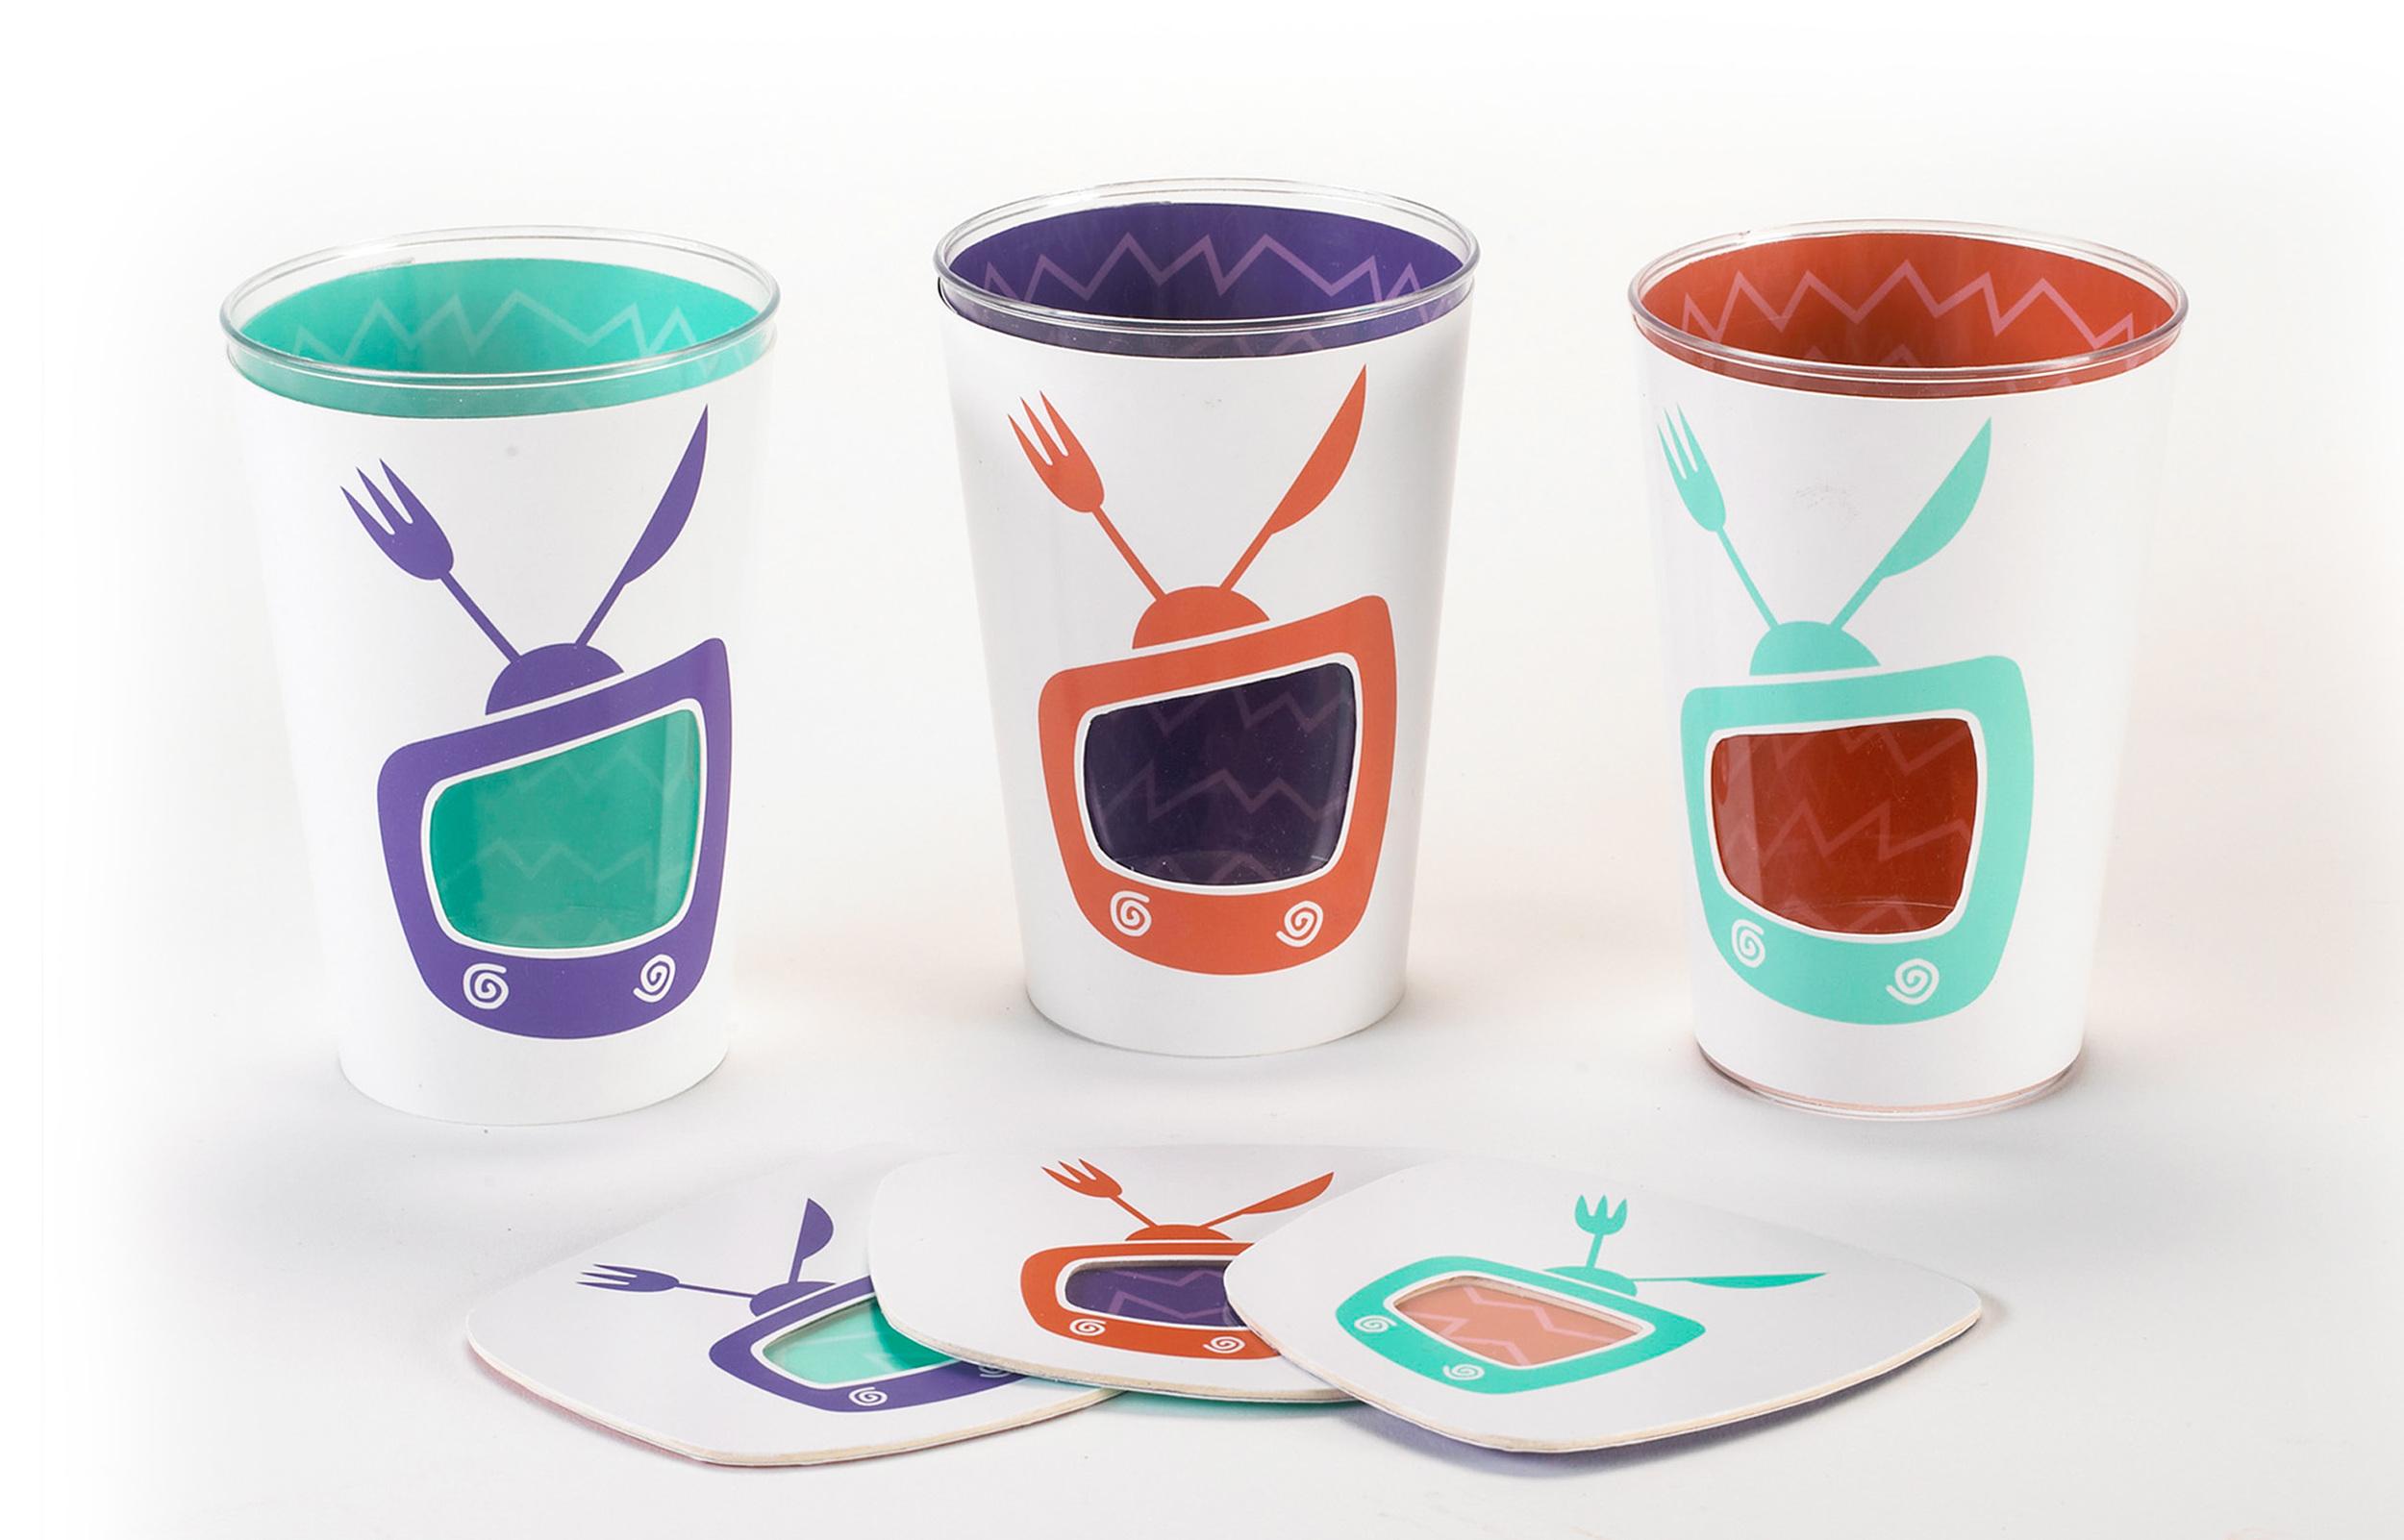 TV_Diner_cups_coasters.jpg